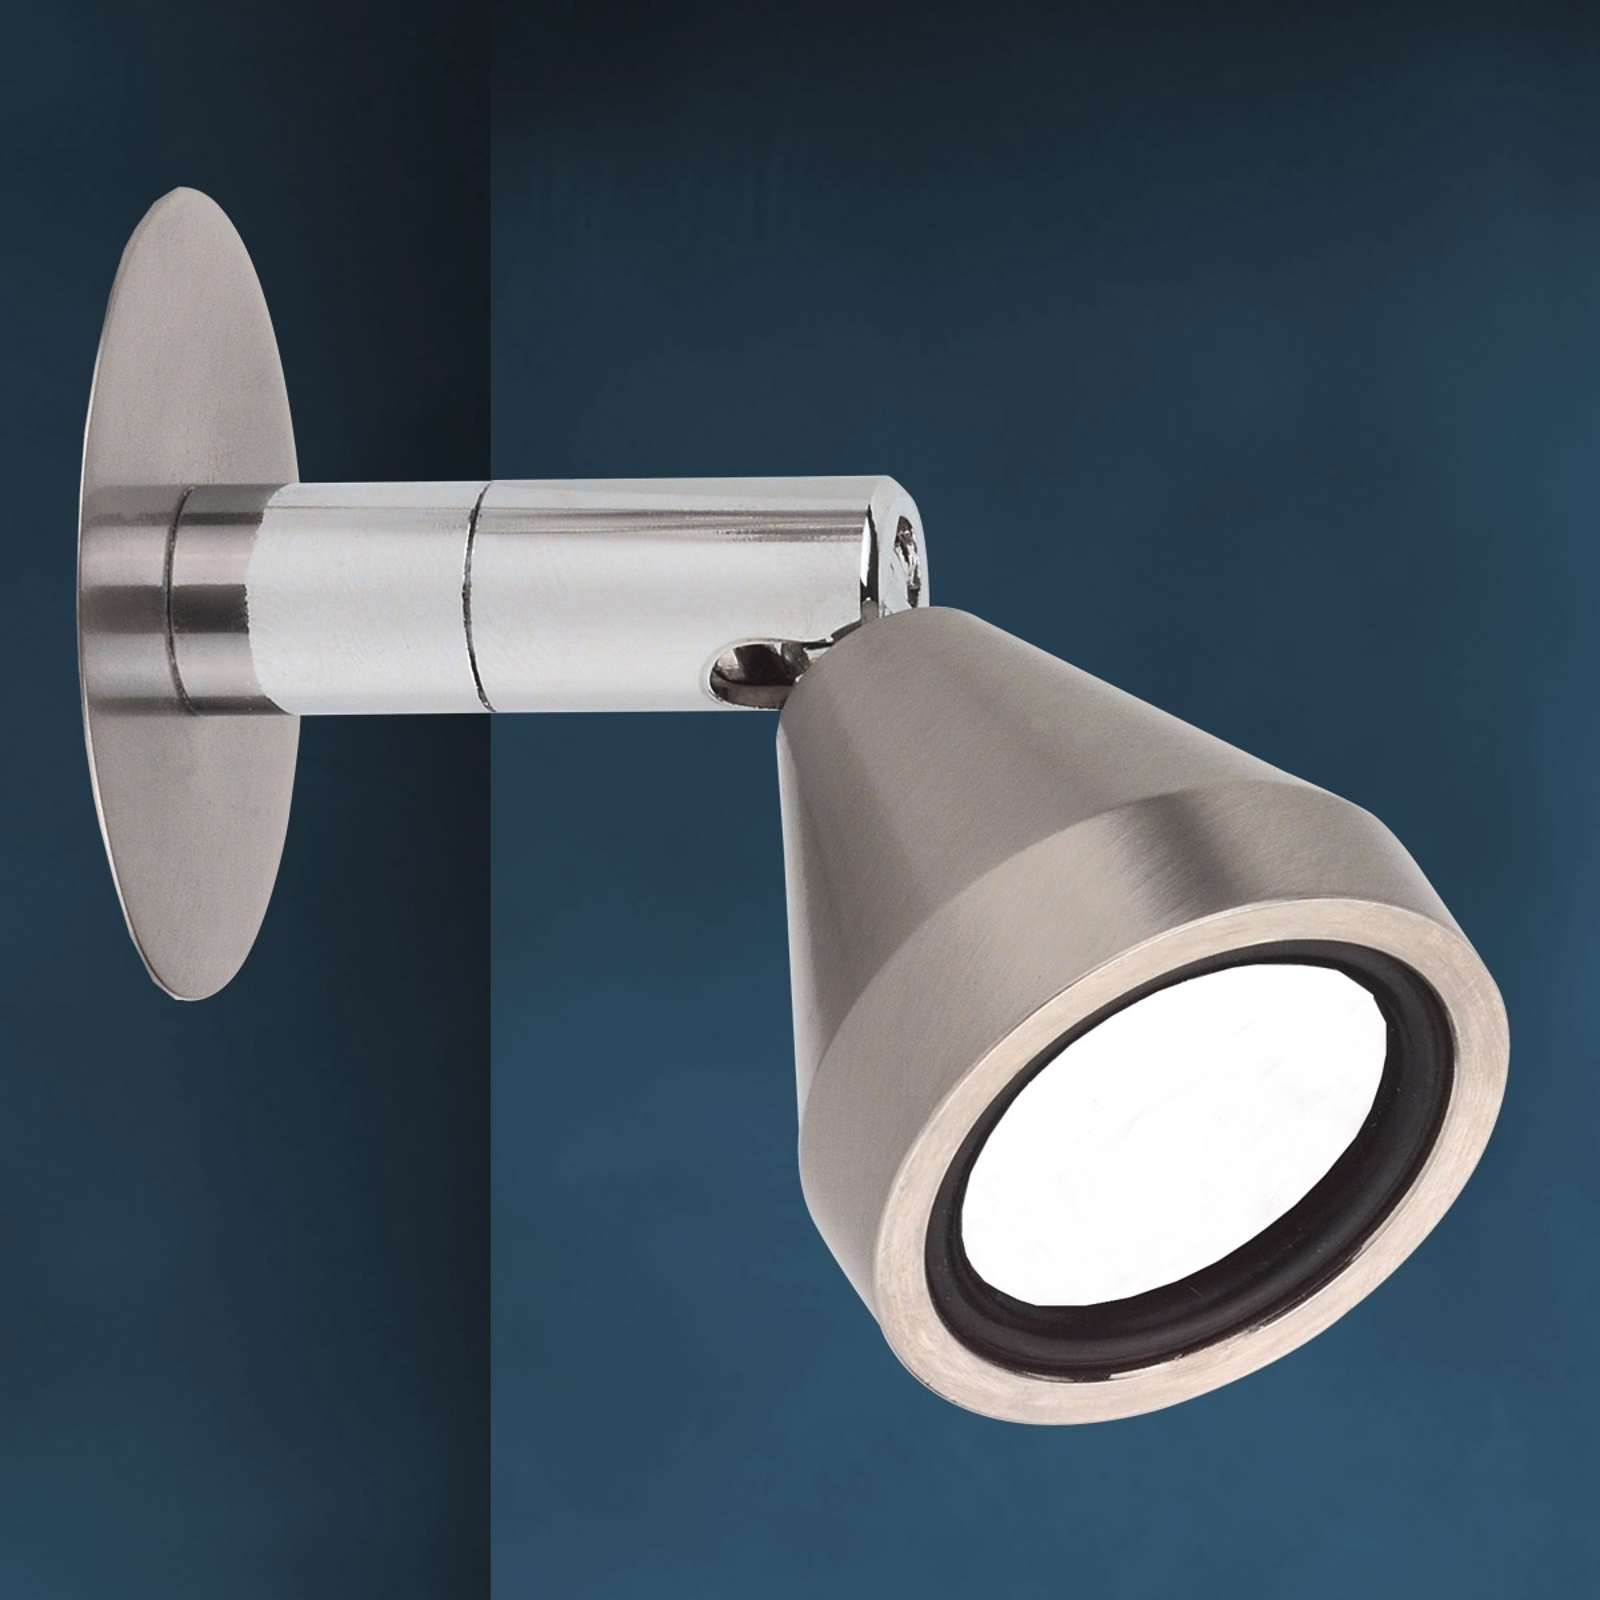 Malé LED polovestavné světlo MINI univerzální bílá